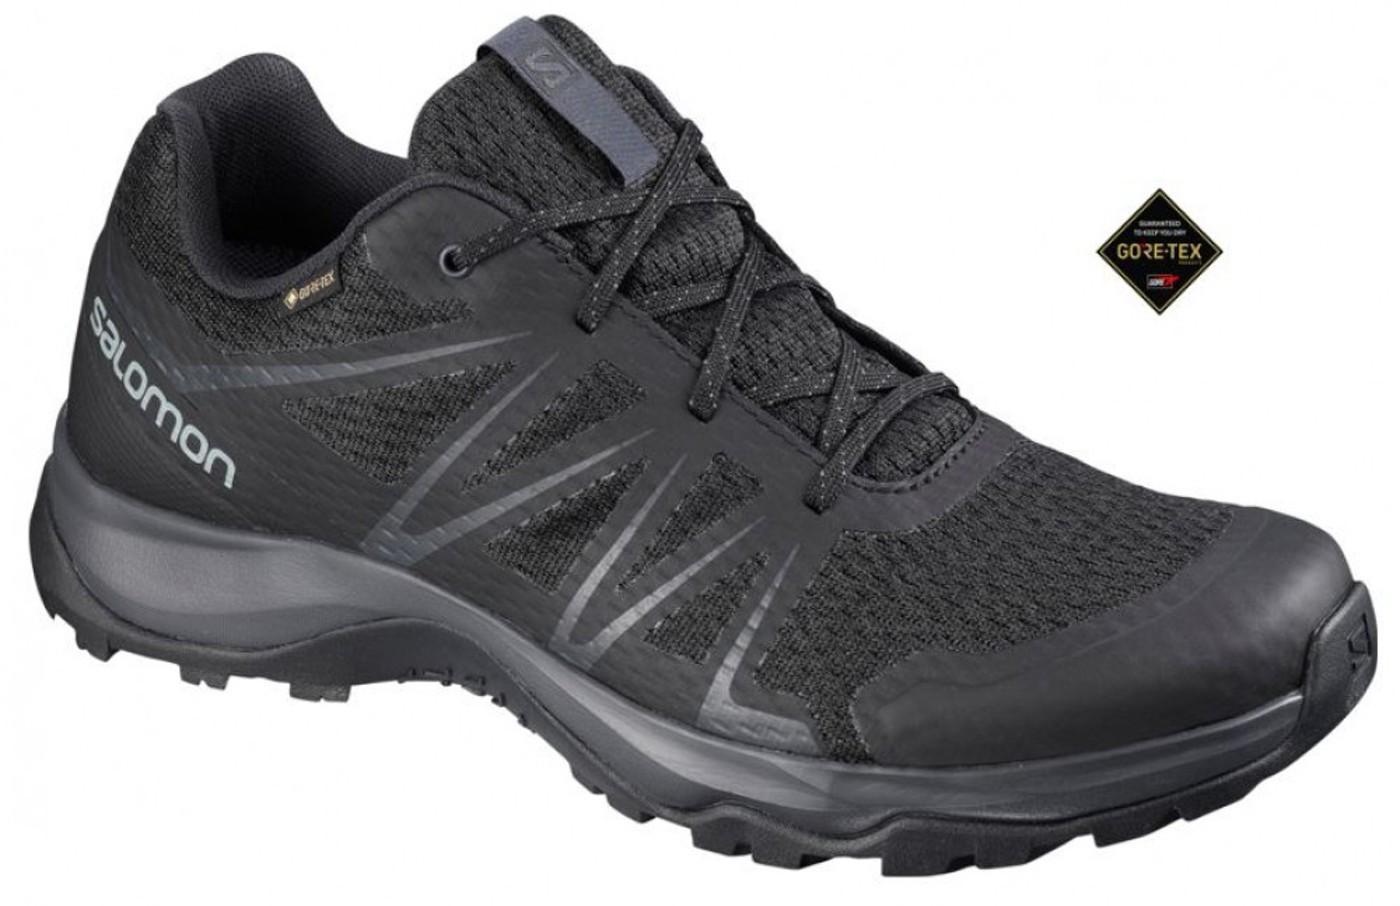 SALOMON Schuhe WARRA GTX - Herren